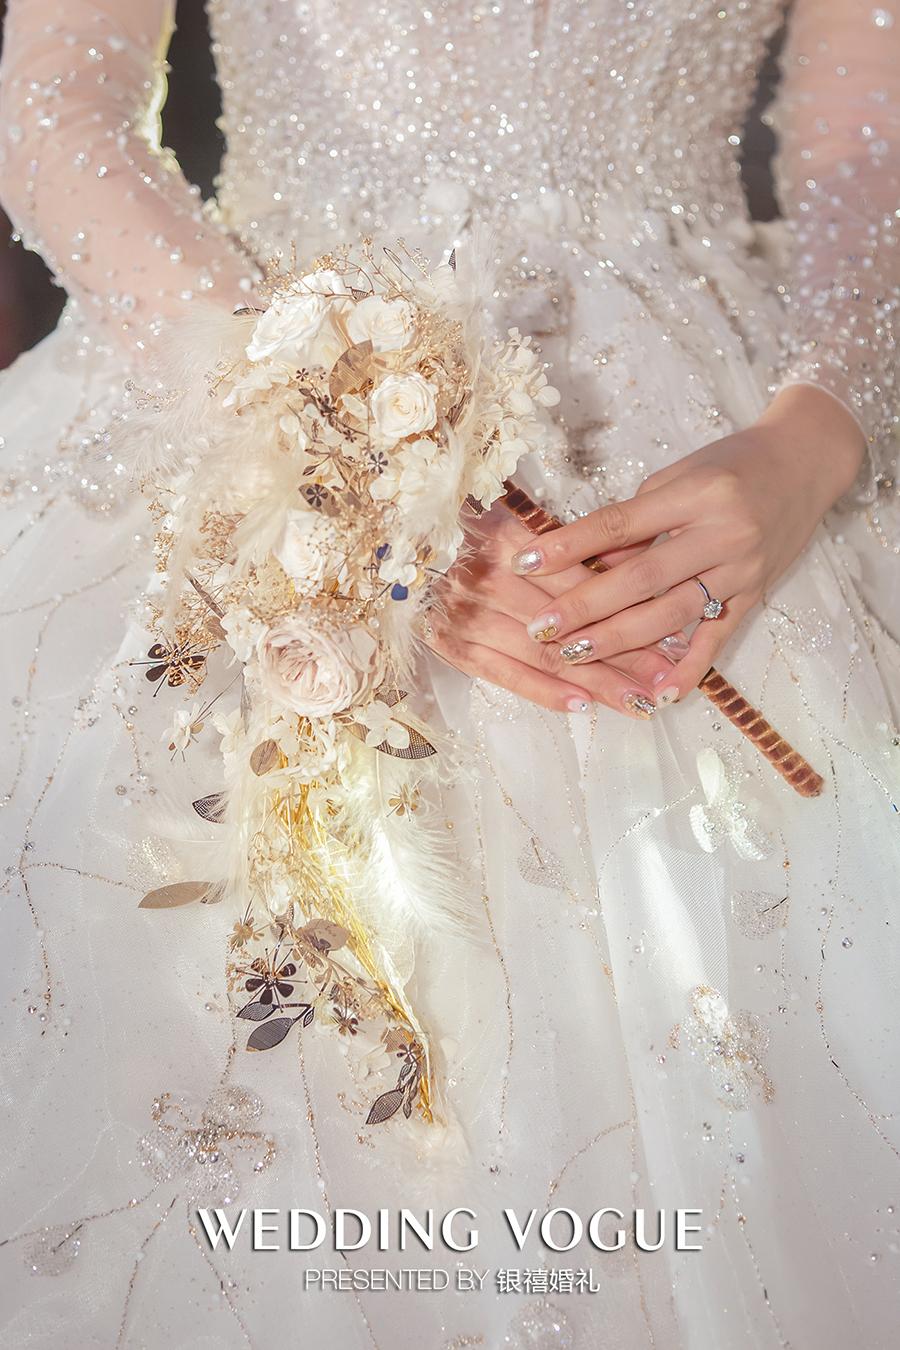 三亚专业婚纱摄影定制_婚纱摄影价格相关-海南美海网络科技有限公司